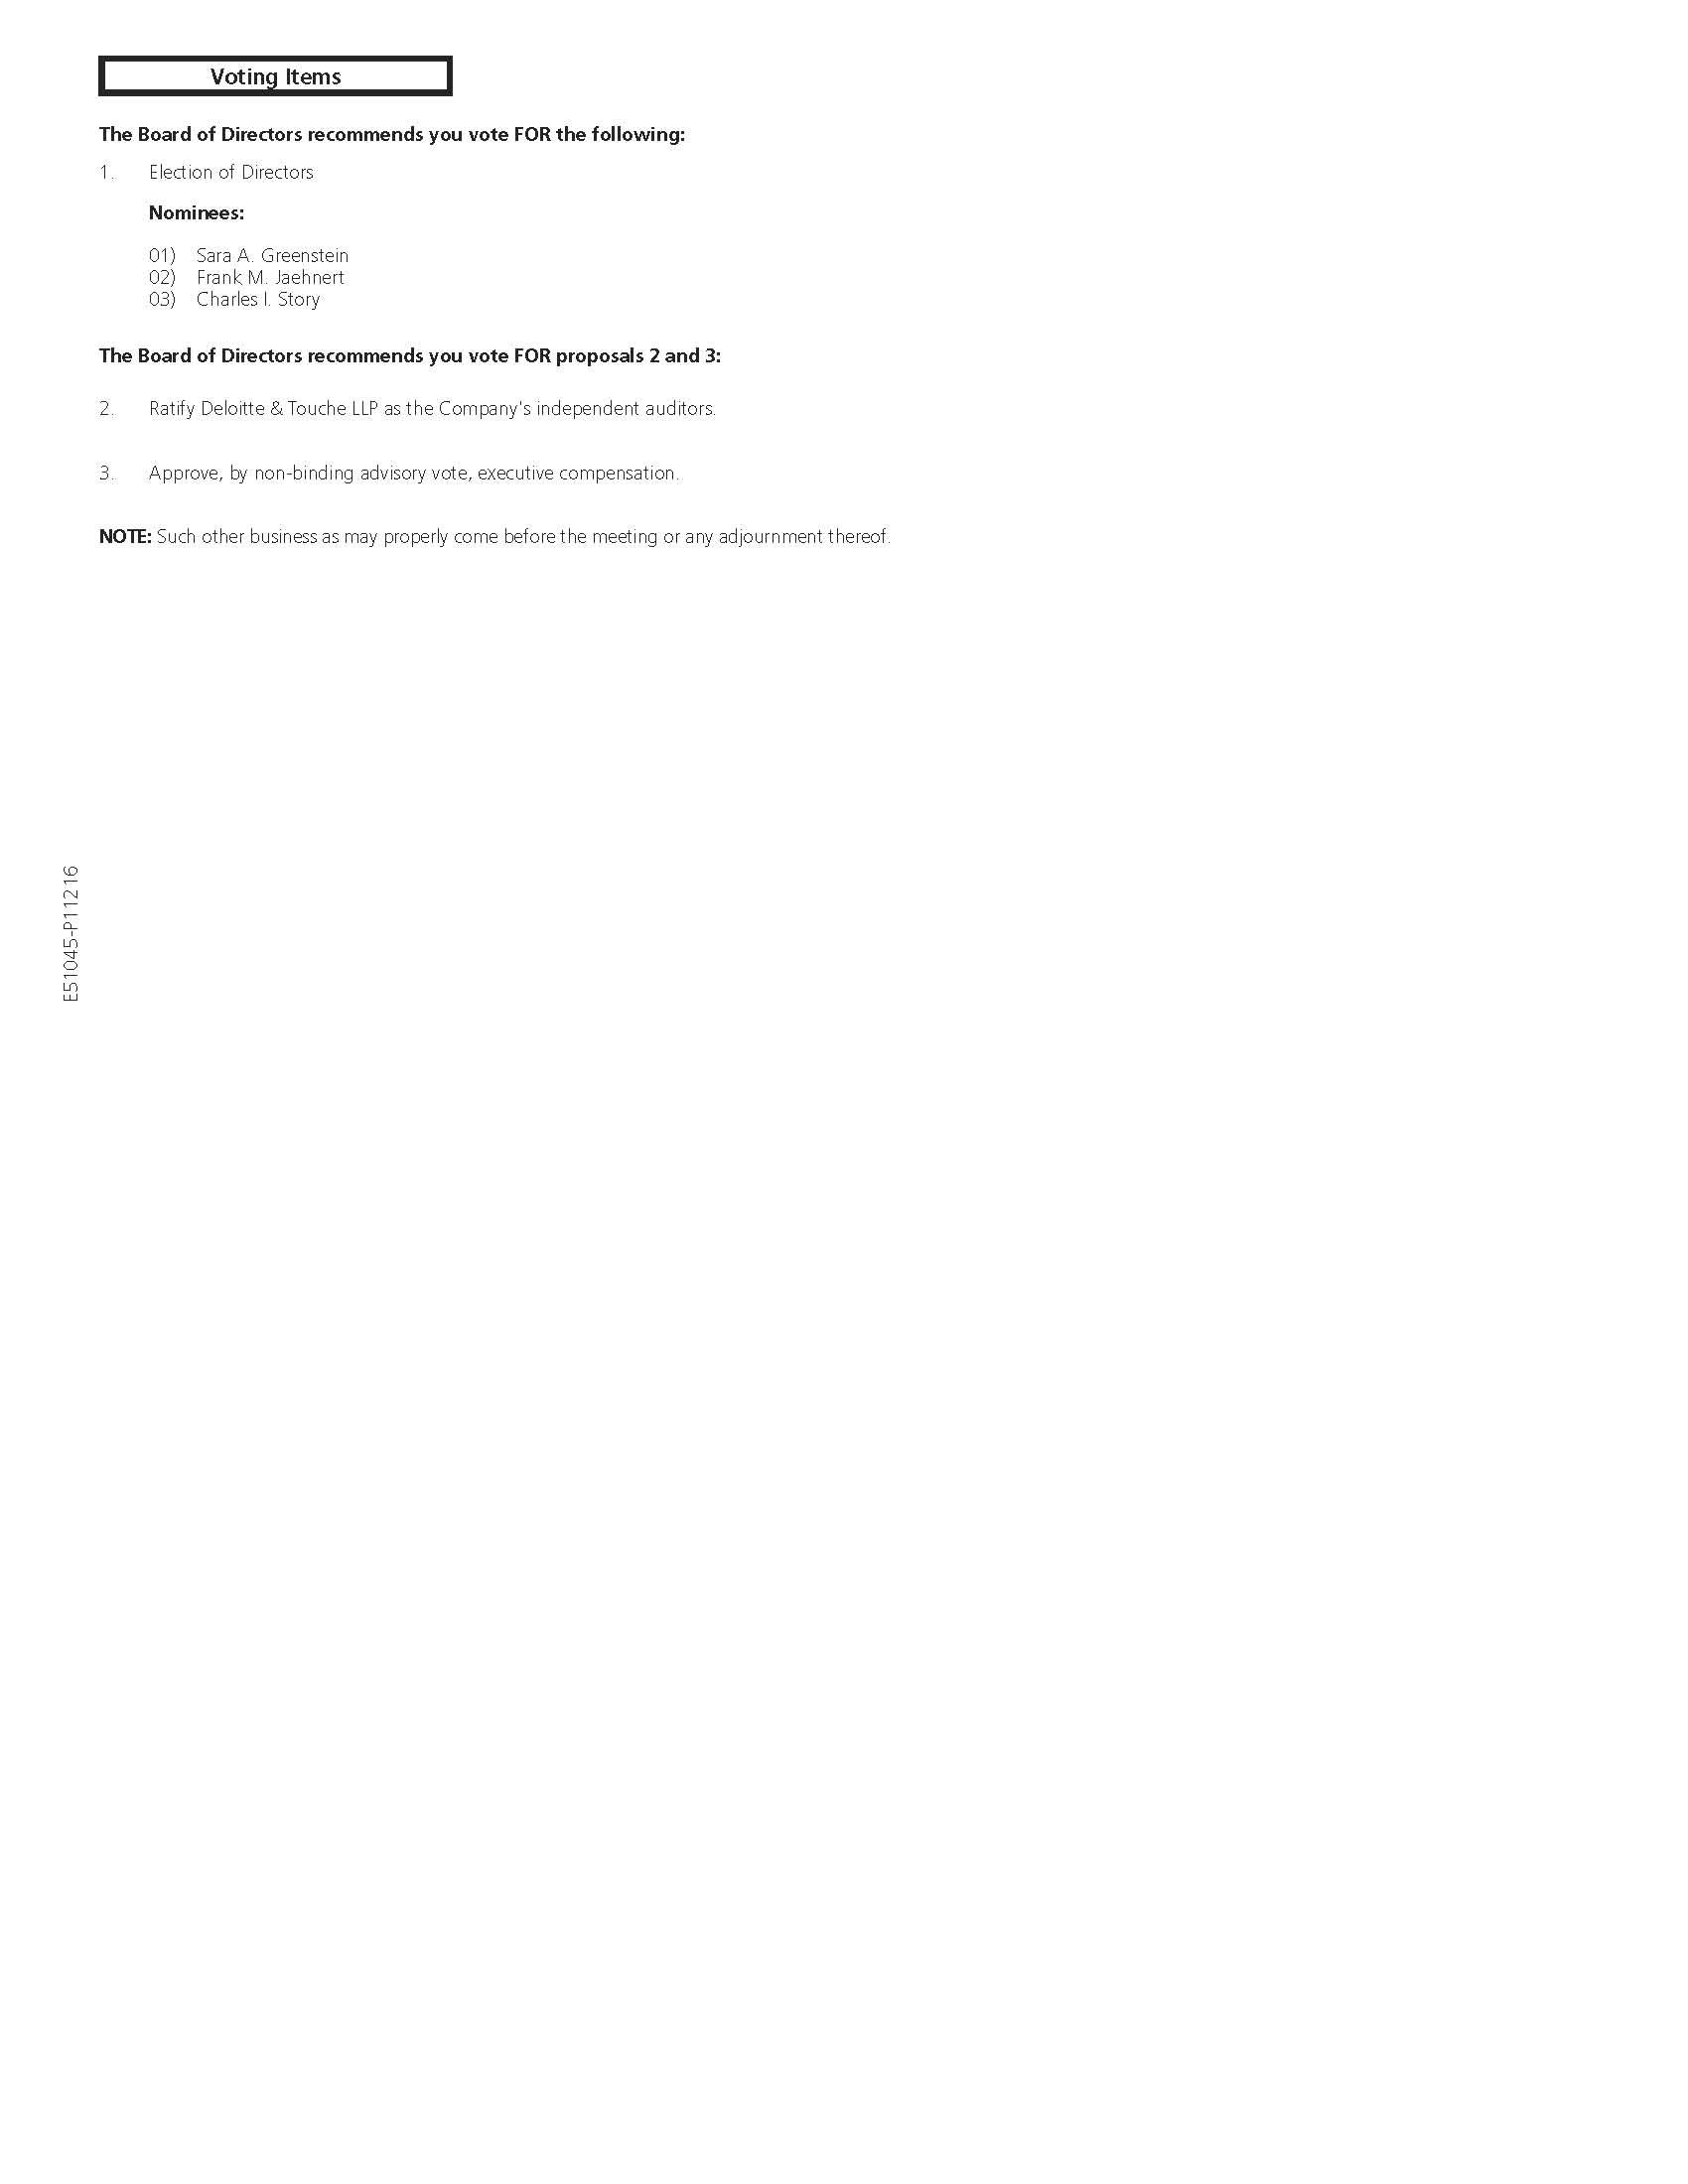 https://cdn.kscope.io/5d5073017ed625f5db37e5e28e590e17-noticecardpage3.jpg